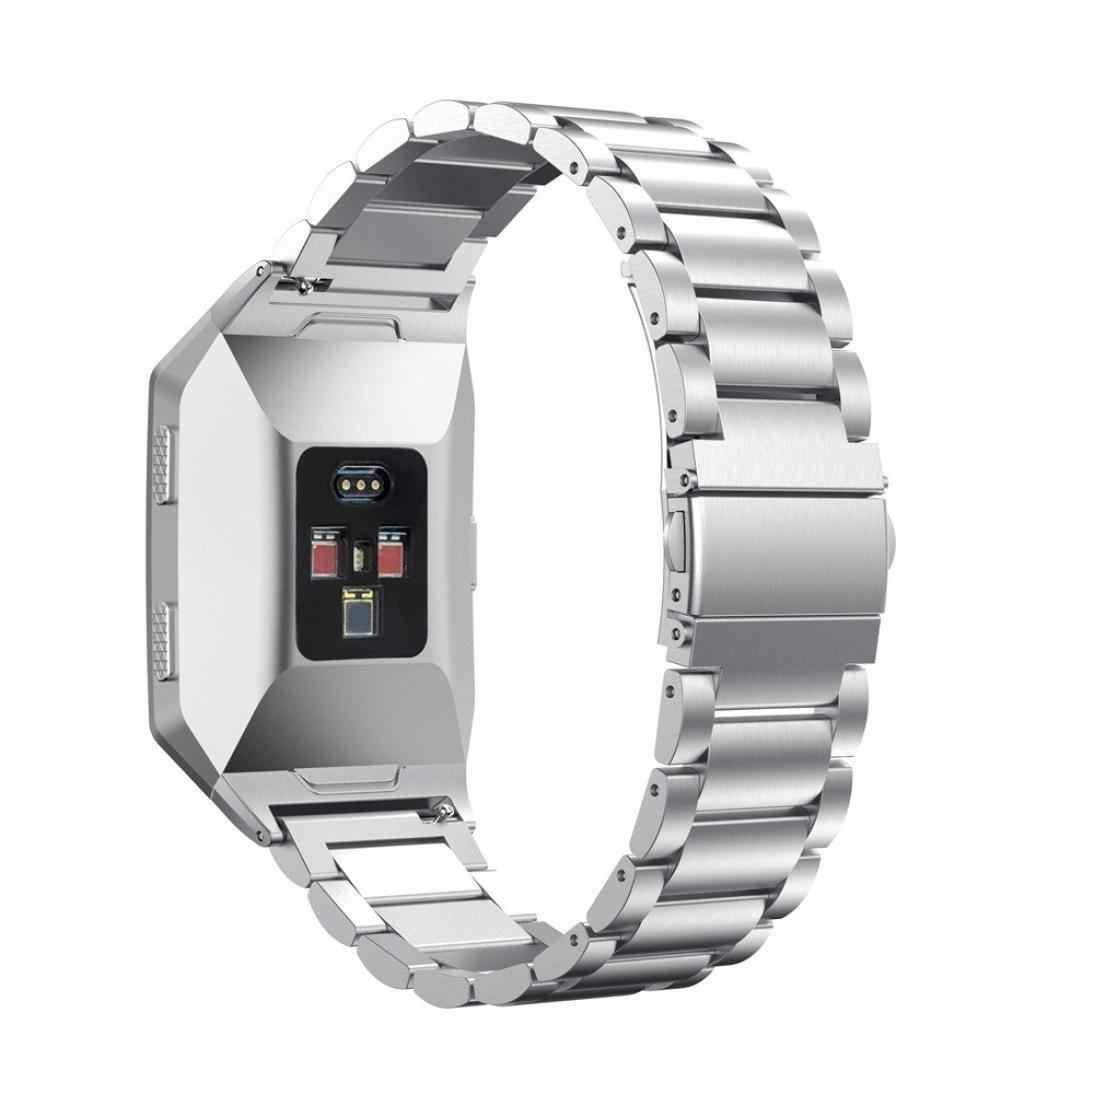 交換用バンド、neseeソリッドステンレススチールアクセサリー時計バンドストラップメタルバンドfor Fitbit Ionic シルバー シルバー B075YNMX93